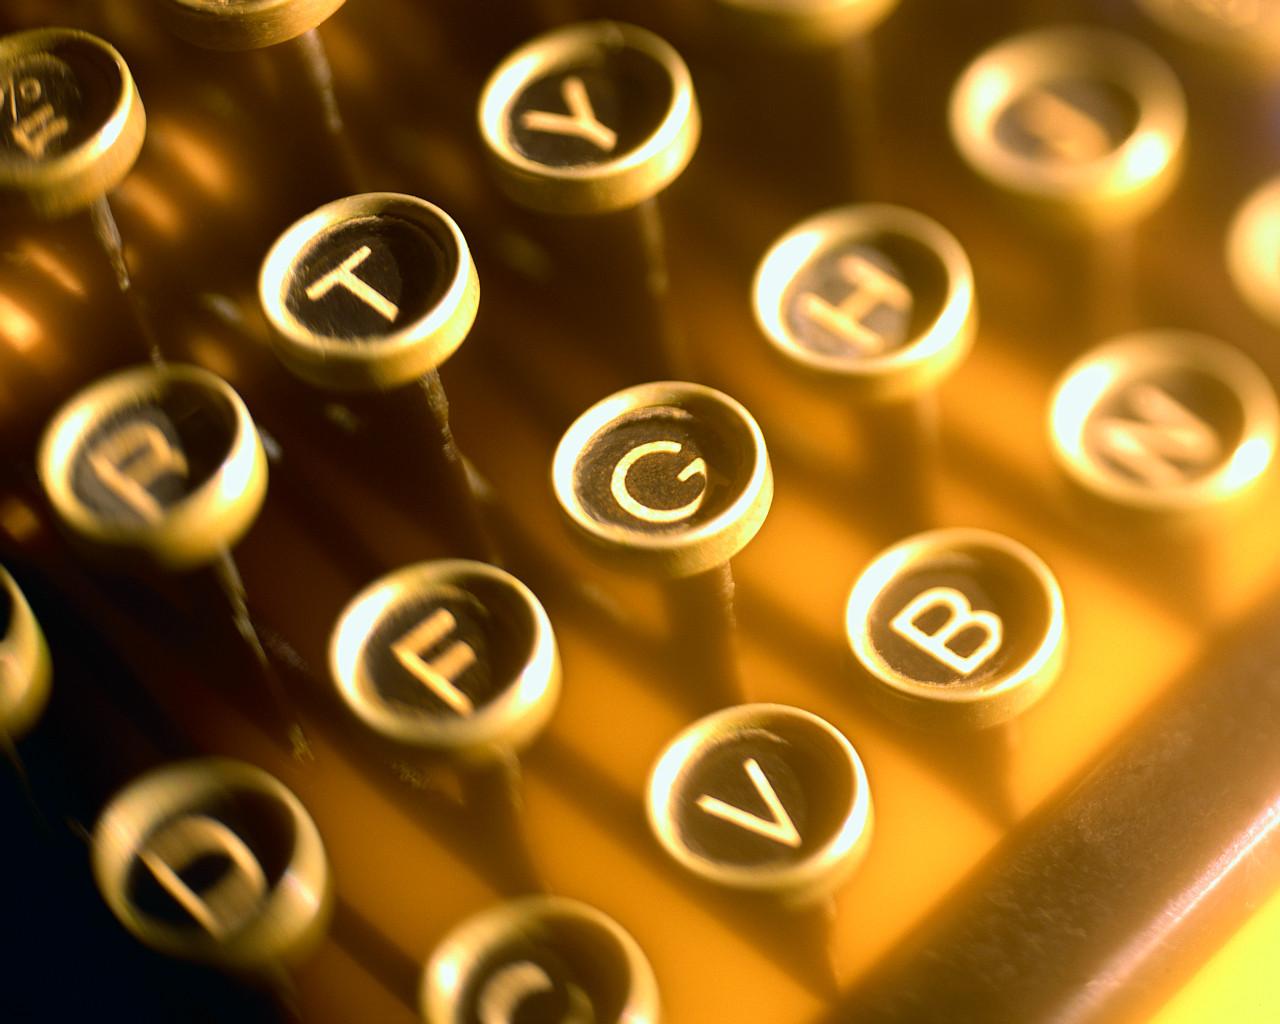 Fixing her typewriter - 2 part 1